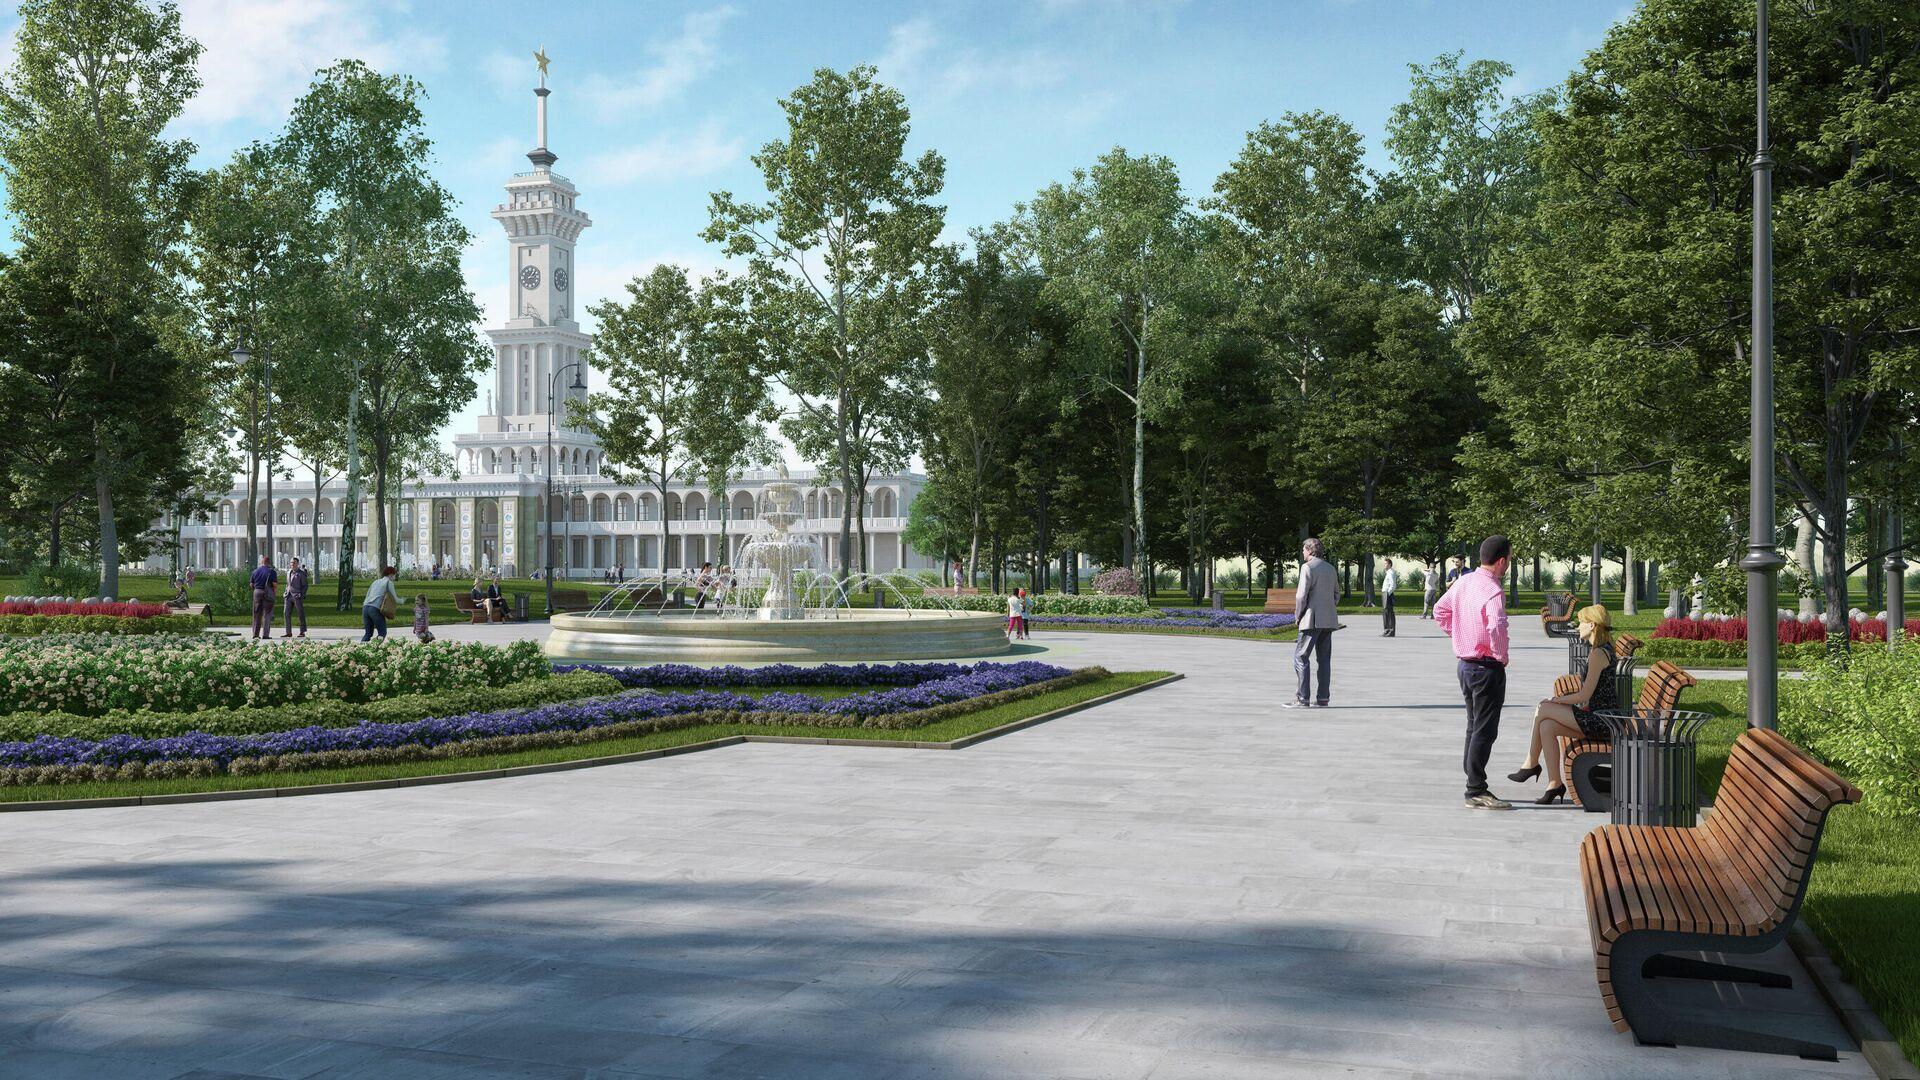 Проект благоустройства парка Северного речного вокзала - РИА Новости, 1920, 25.12.2020